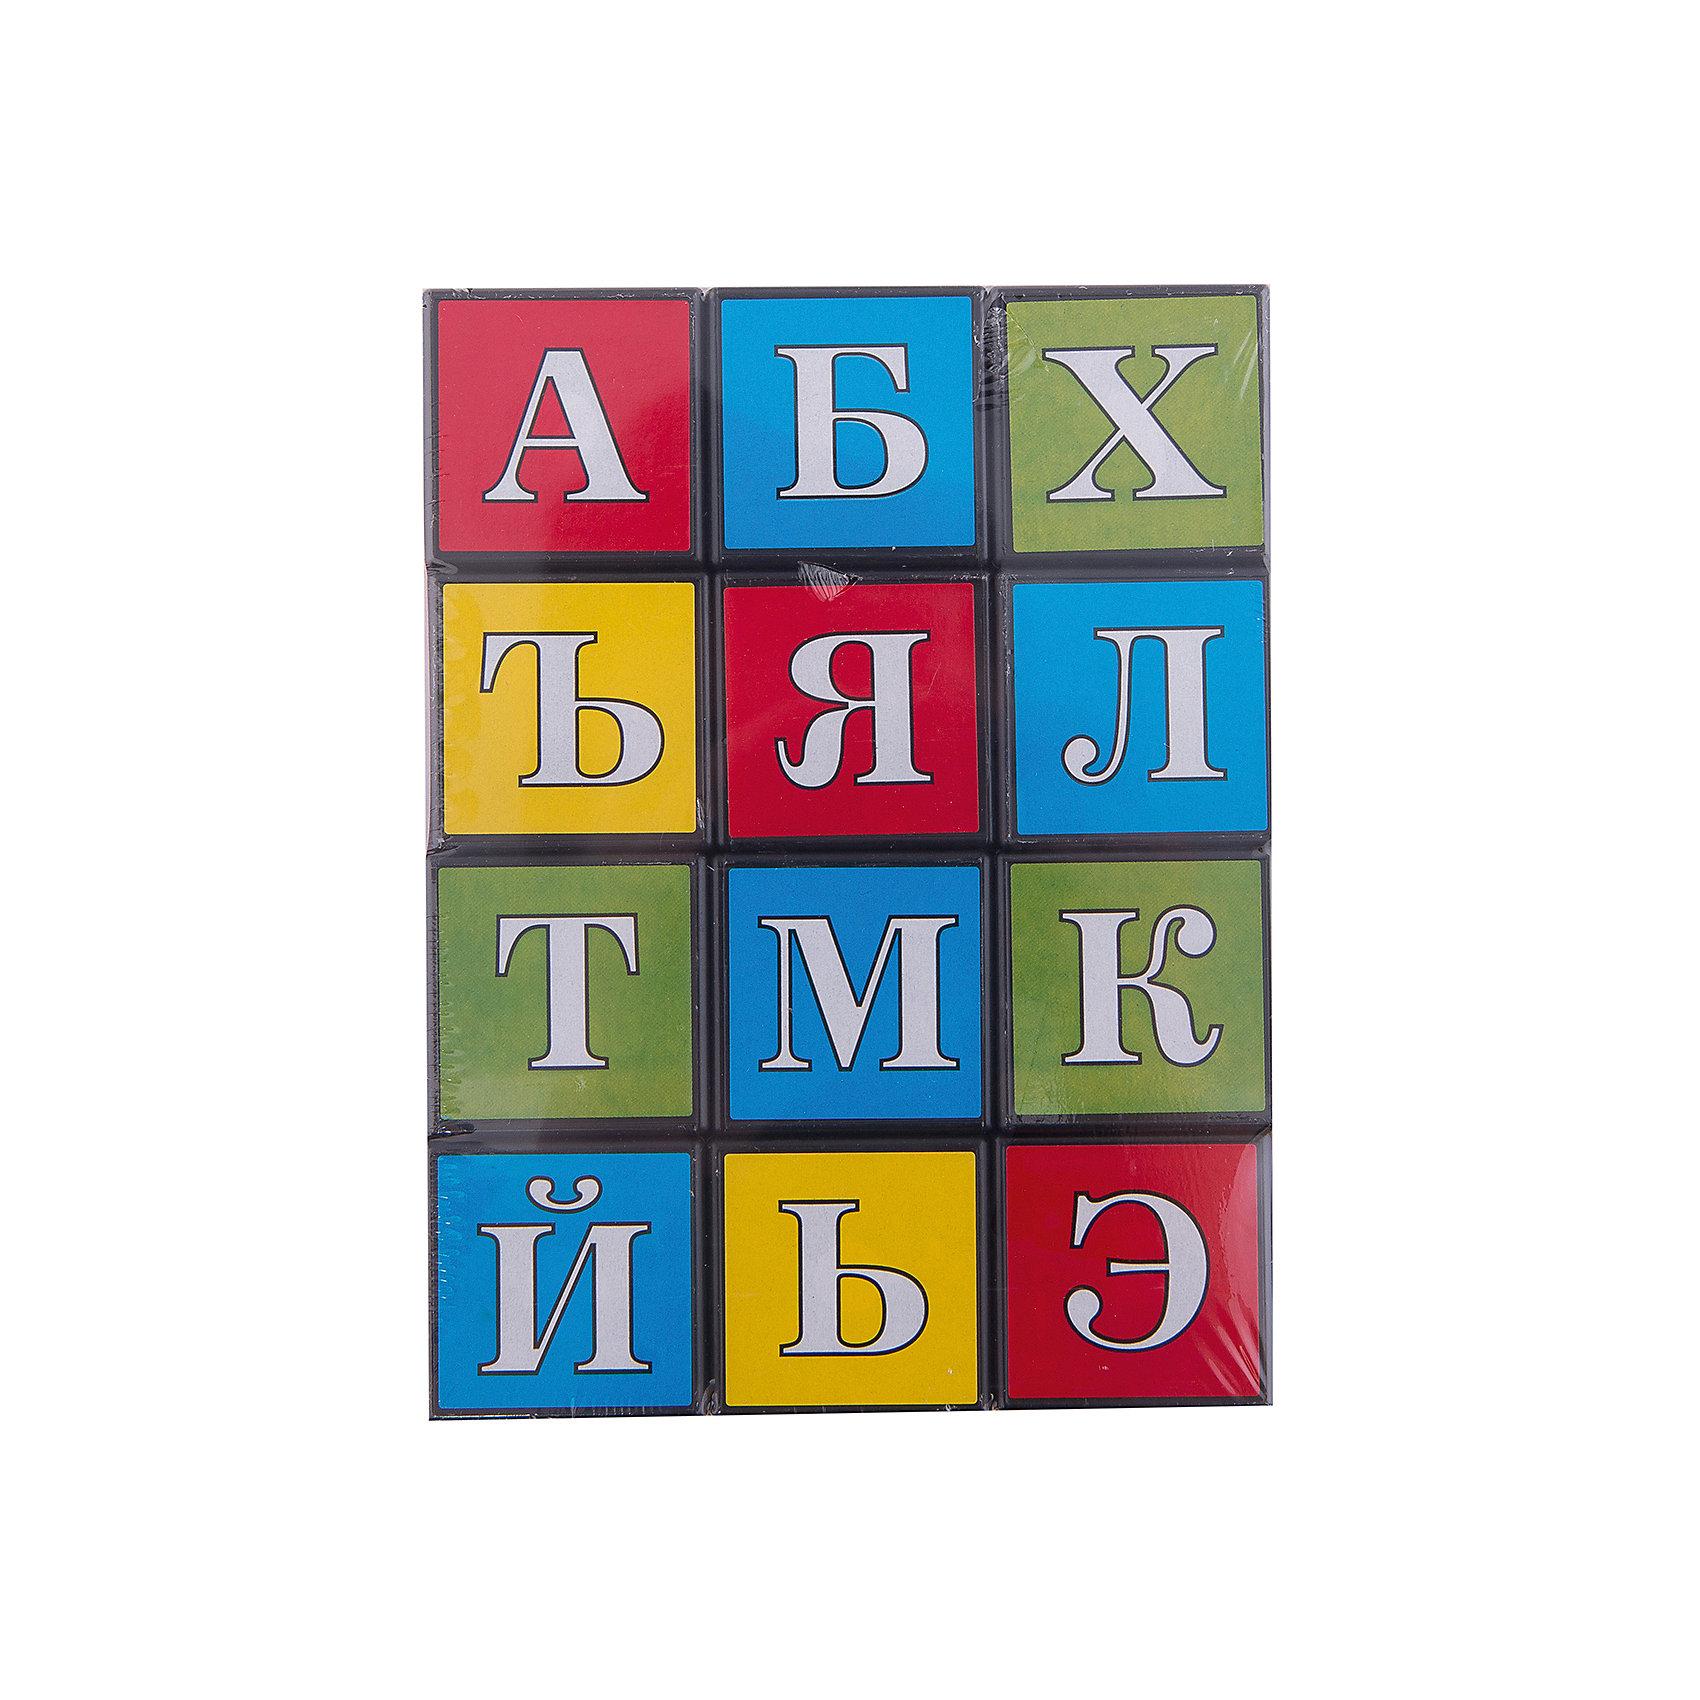 Кубики Азбука, СтелларКубики<br>Кубики Азбука от фирмы Стеллар помогут выучить буквы, составлять и запоминать слова. <br><br>Кубики легко и быстро обучают и развивают ребёнка в игровой форме. Благодаря игре с кубиками малыш сможет быстро выучить буквы и научиться читать первые слова. <br><br>Дополнительная информация:<br><br>- В комплекте: 12 кубиков.<br>- Материал: полистирол, бумага.<br>- Размер кубика: 4х4х4 см.<br>- Размер упаковки: 4х12х16 см.<br><br>Ширина мм: 160<br>Глубина мм: 120<br>Высота мм: 40<br>Вес г: 206<br>Возраст от месяцев: 36<br>Возраст до месяцев: 1188<br>Пол: Унисекс<br>Возраст: Детский<br>SKU: 2407060